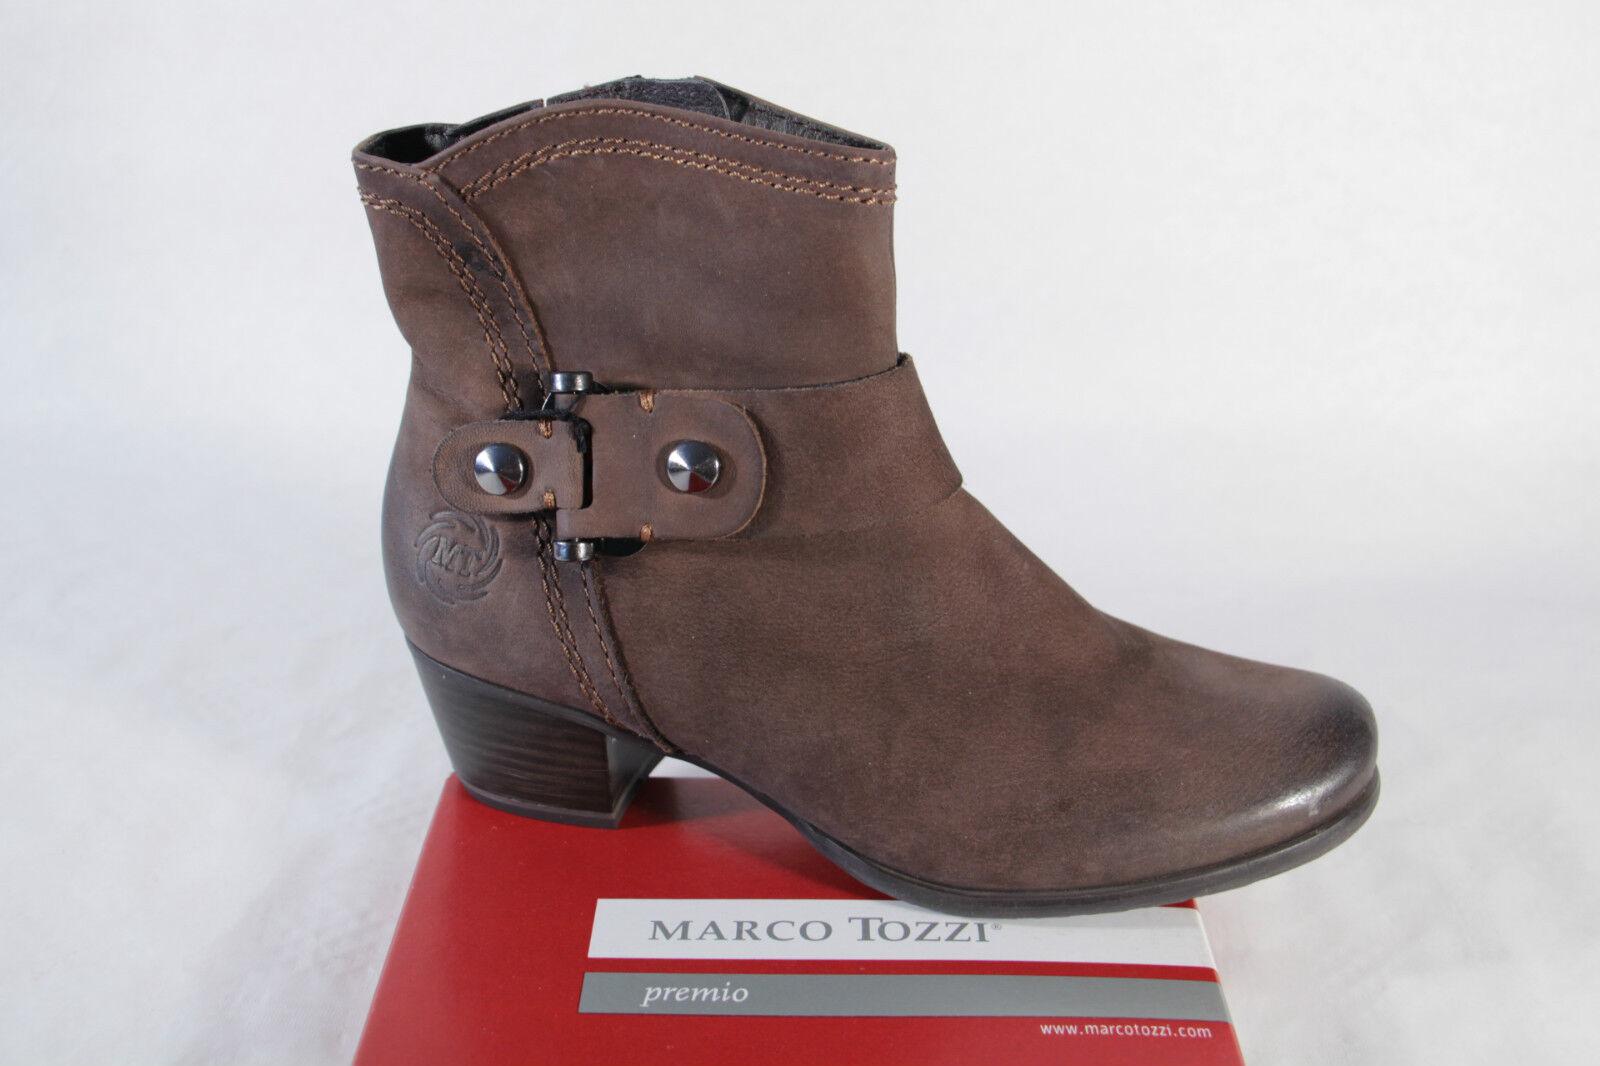 Marco braun Tozzi Damen Stiefel Stiefelette braun Marco weiches Oberleder NEU 01733f